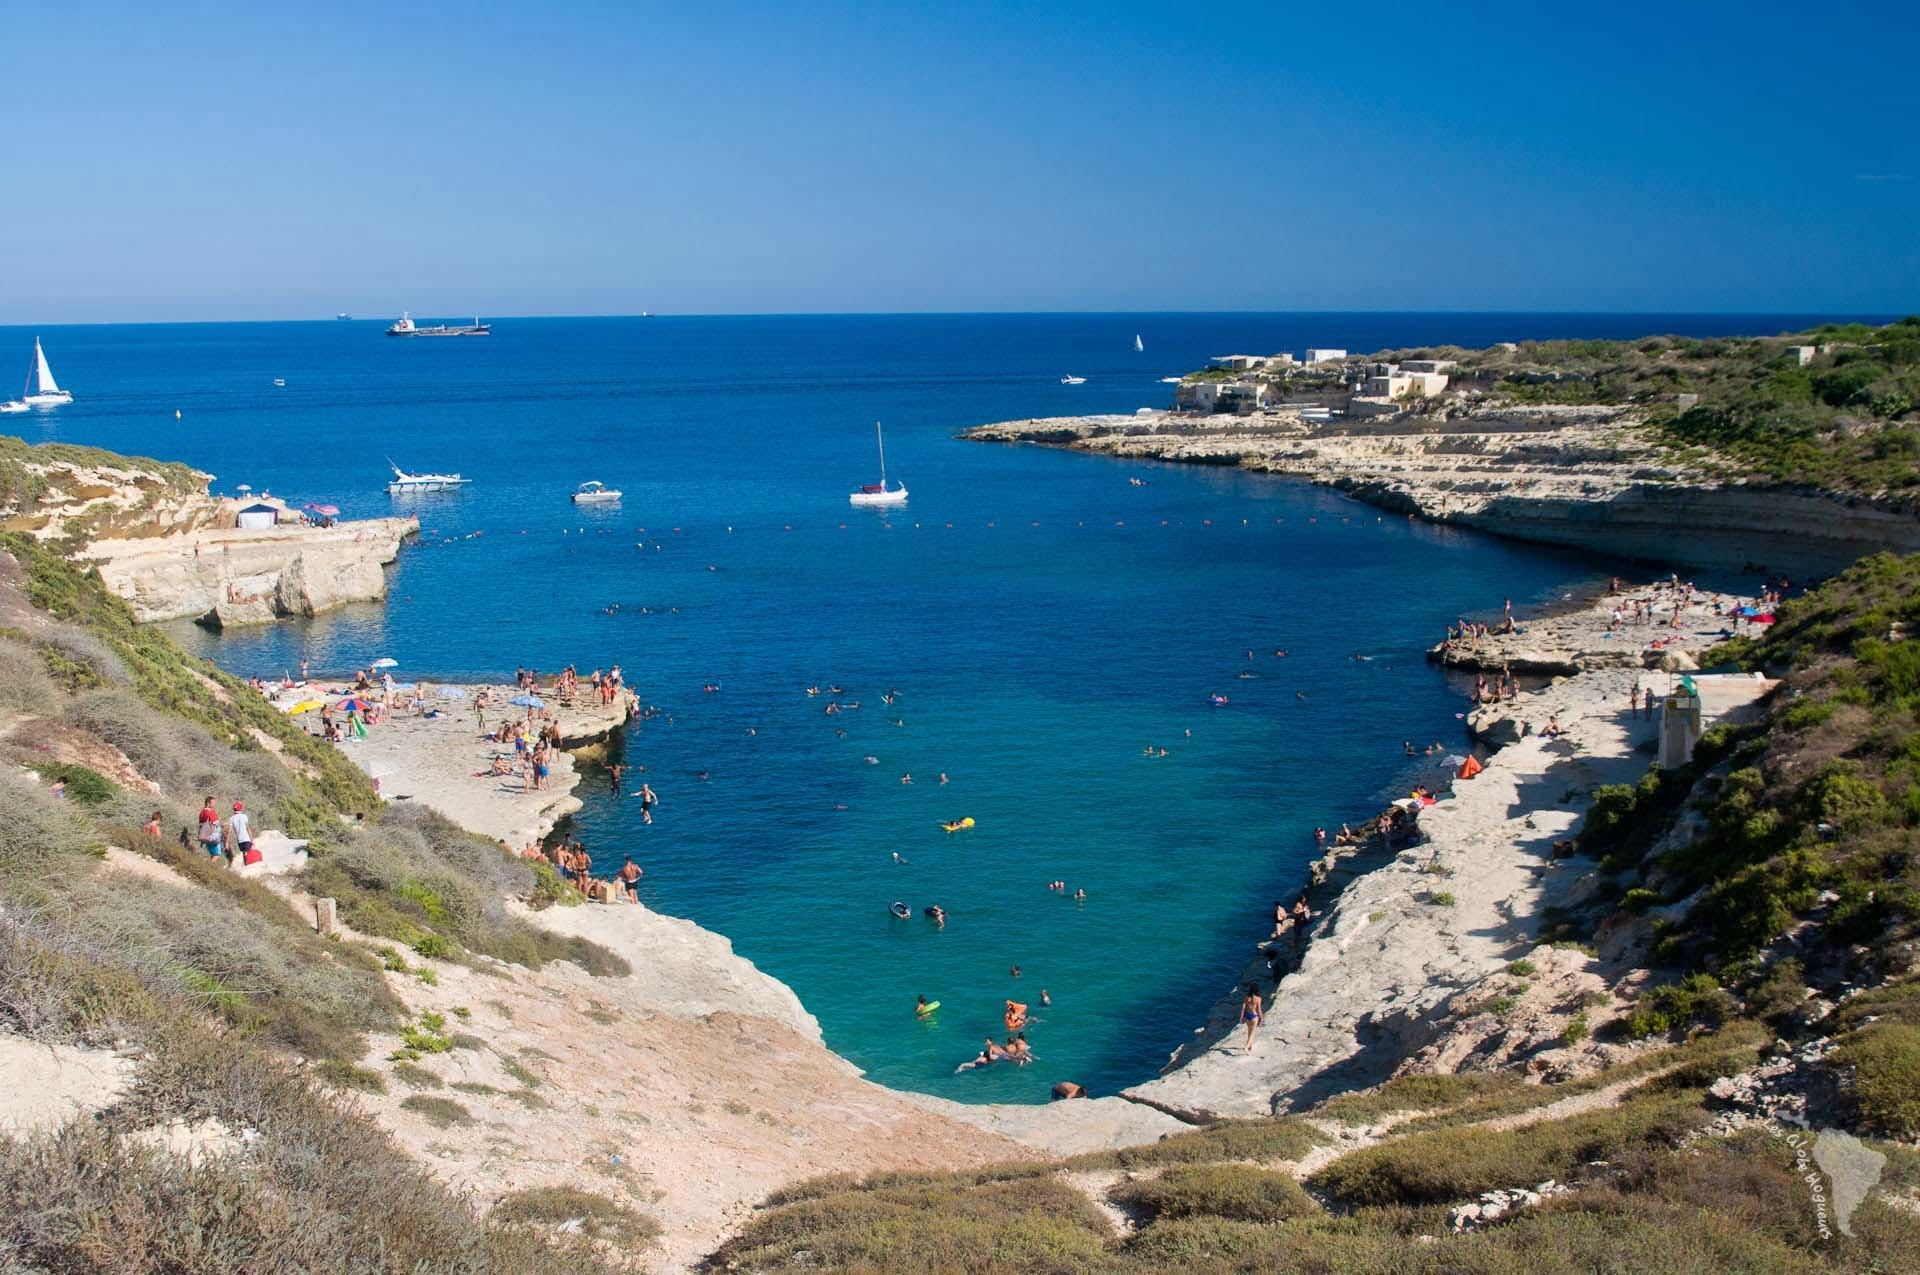 crique baie piscine naturelle malte